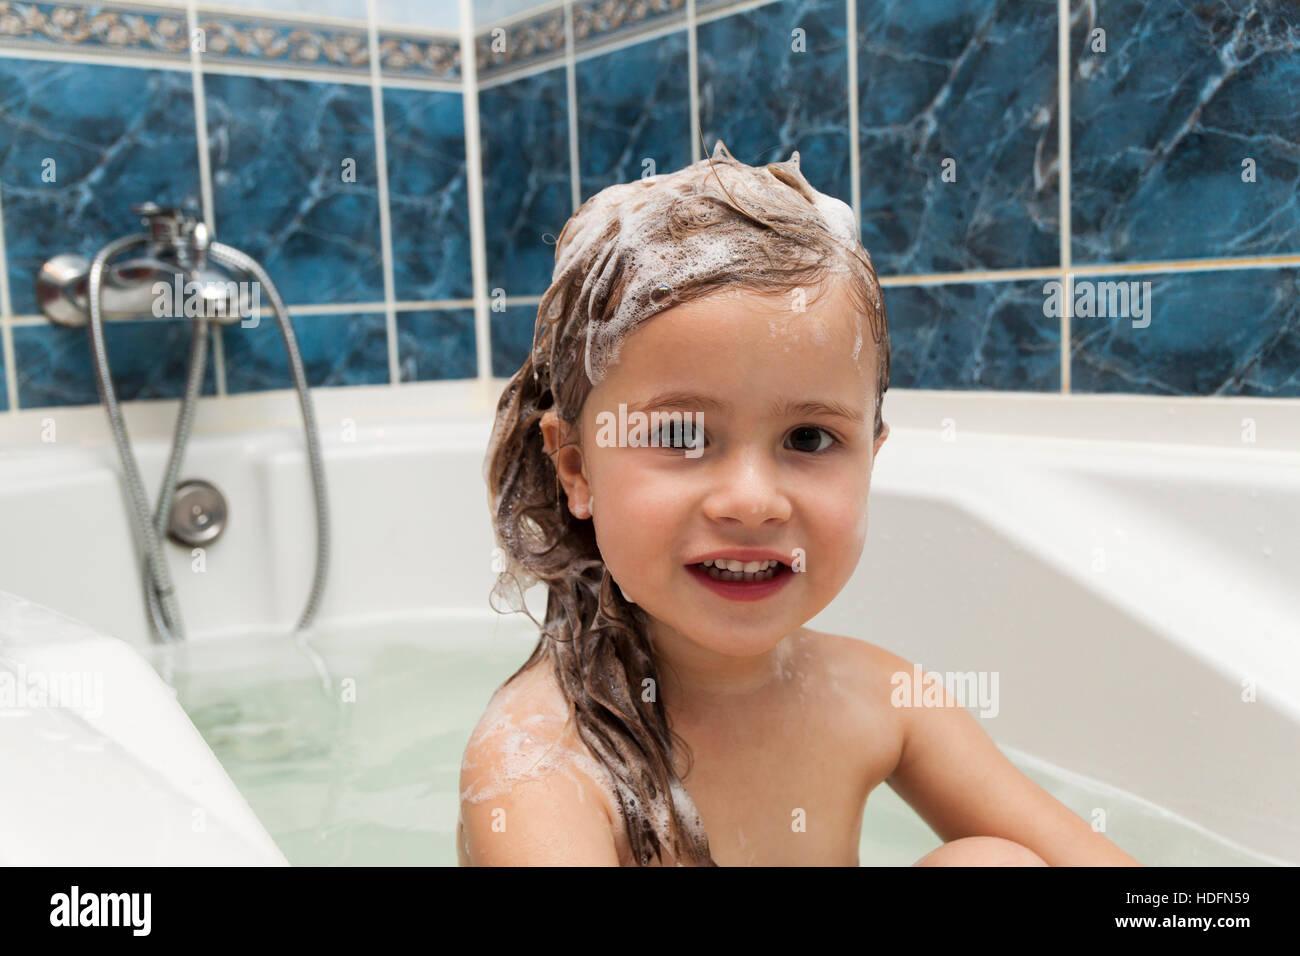 Niedliche Kleine Mädchen Wäscht Ihre Haare. Sauberen Kind Nach Dusche.  Kinder Hygiene. Kind Unter Bad. Kleines Baby In Einer Küchenspüle, Die  Haare Mit ...